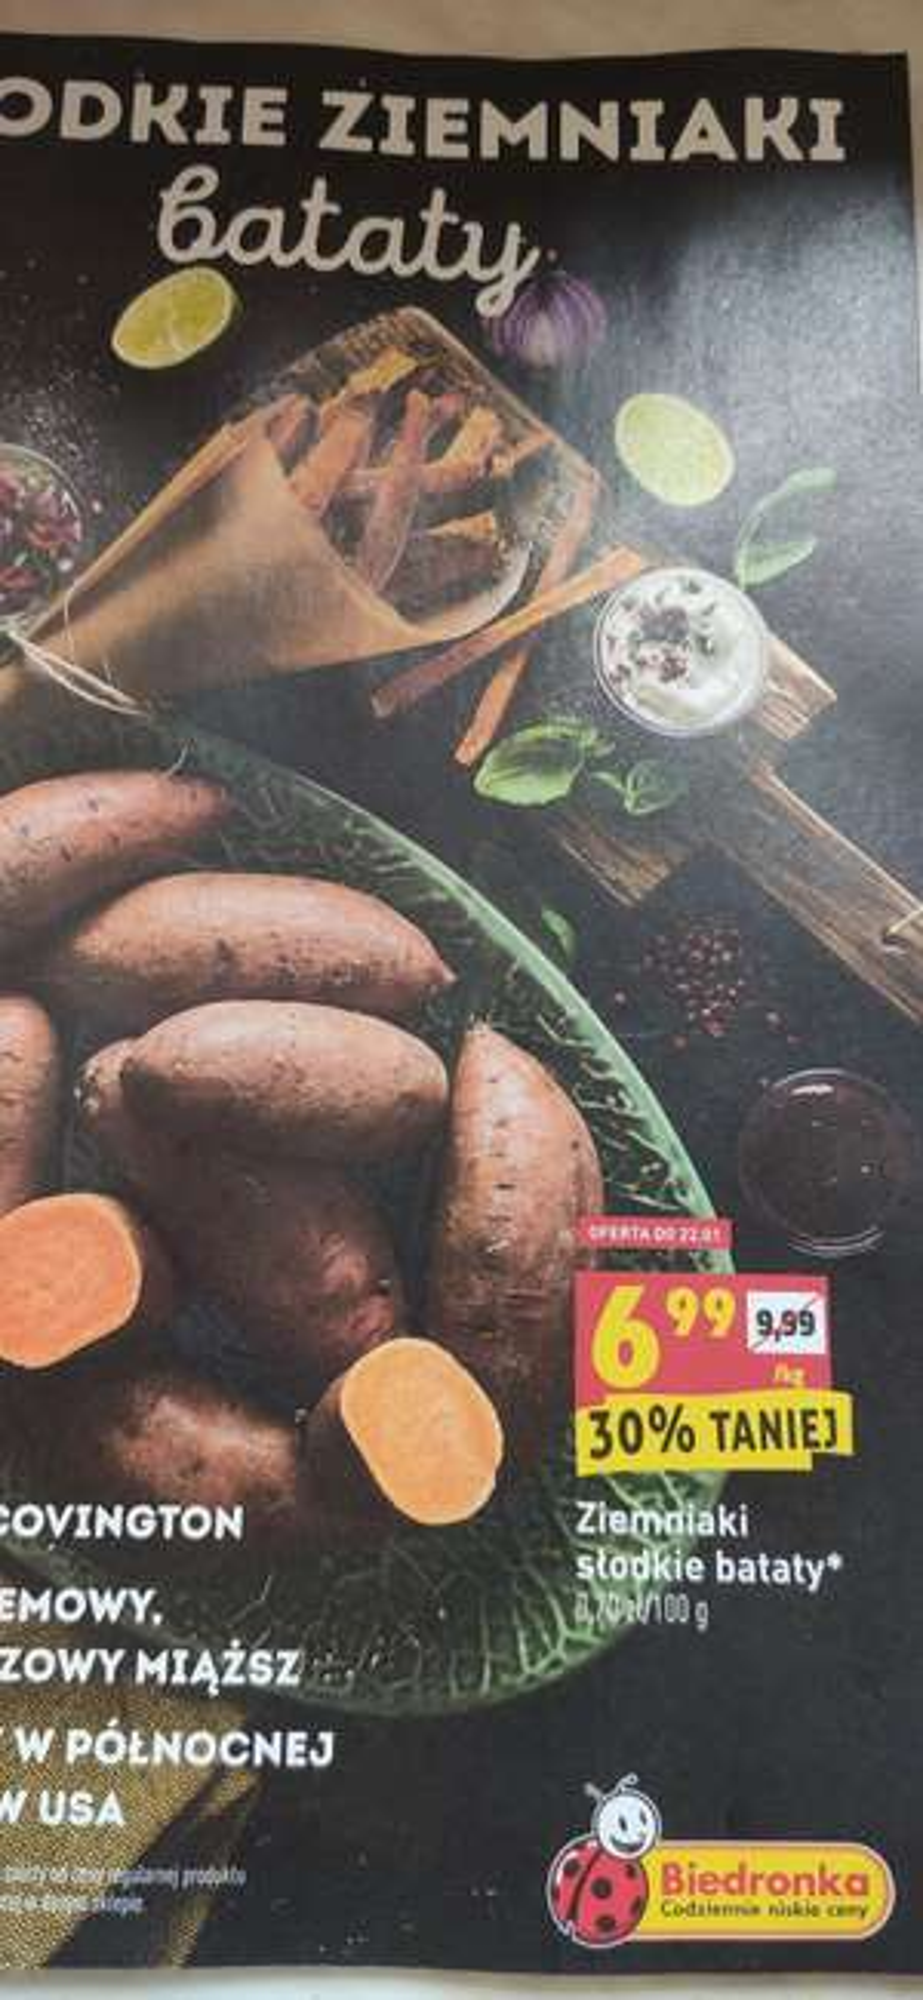 Bataty - słodkie ziemniaki Biedronka